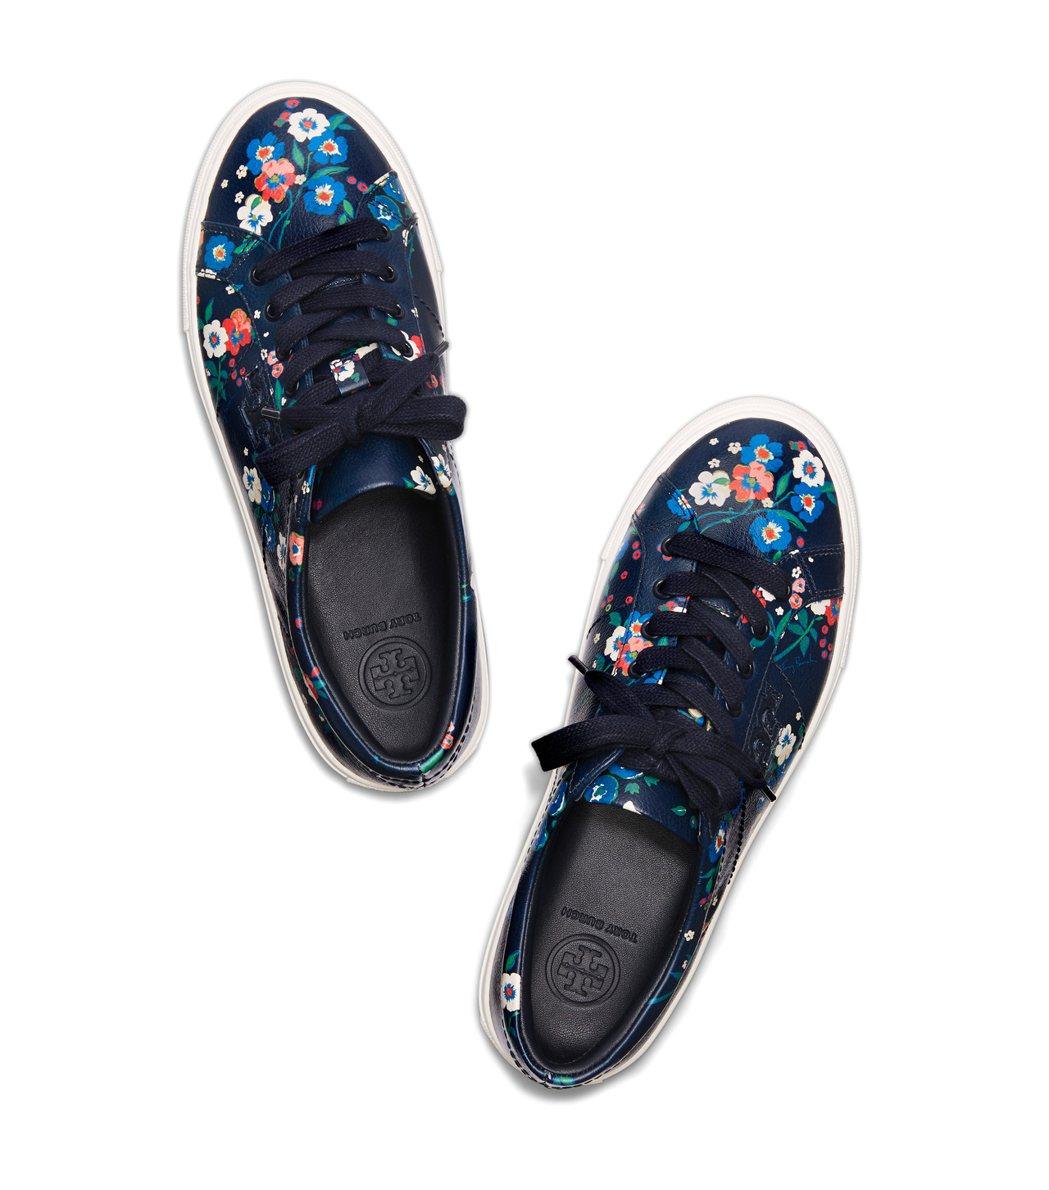 Tory Burch秋冬以三色堇為印花主題打造多款平底鞋和綁帶休閒鞋款。10,9...